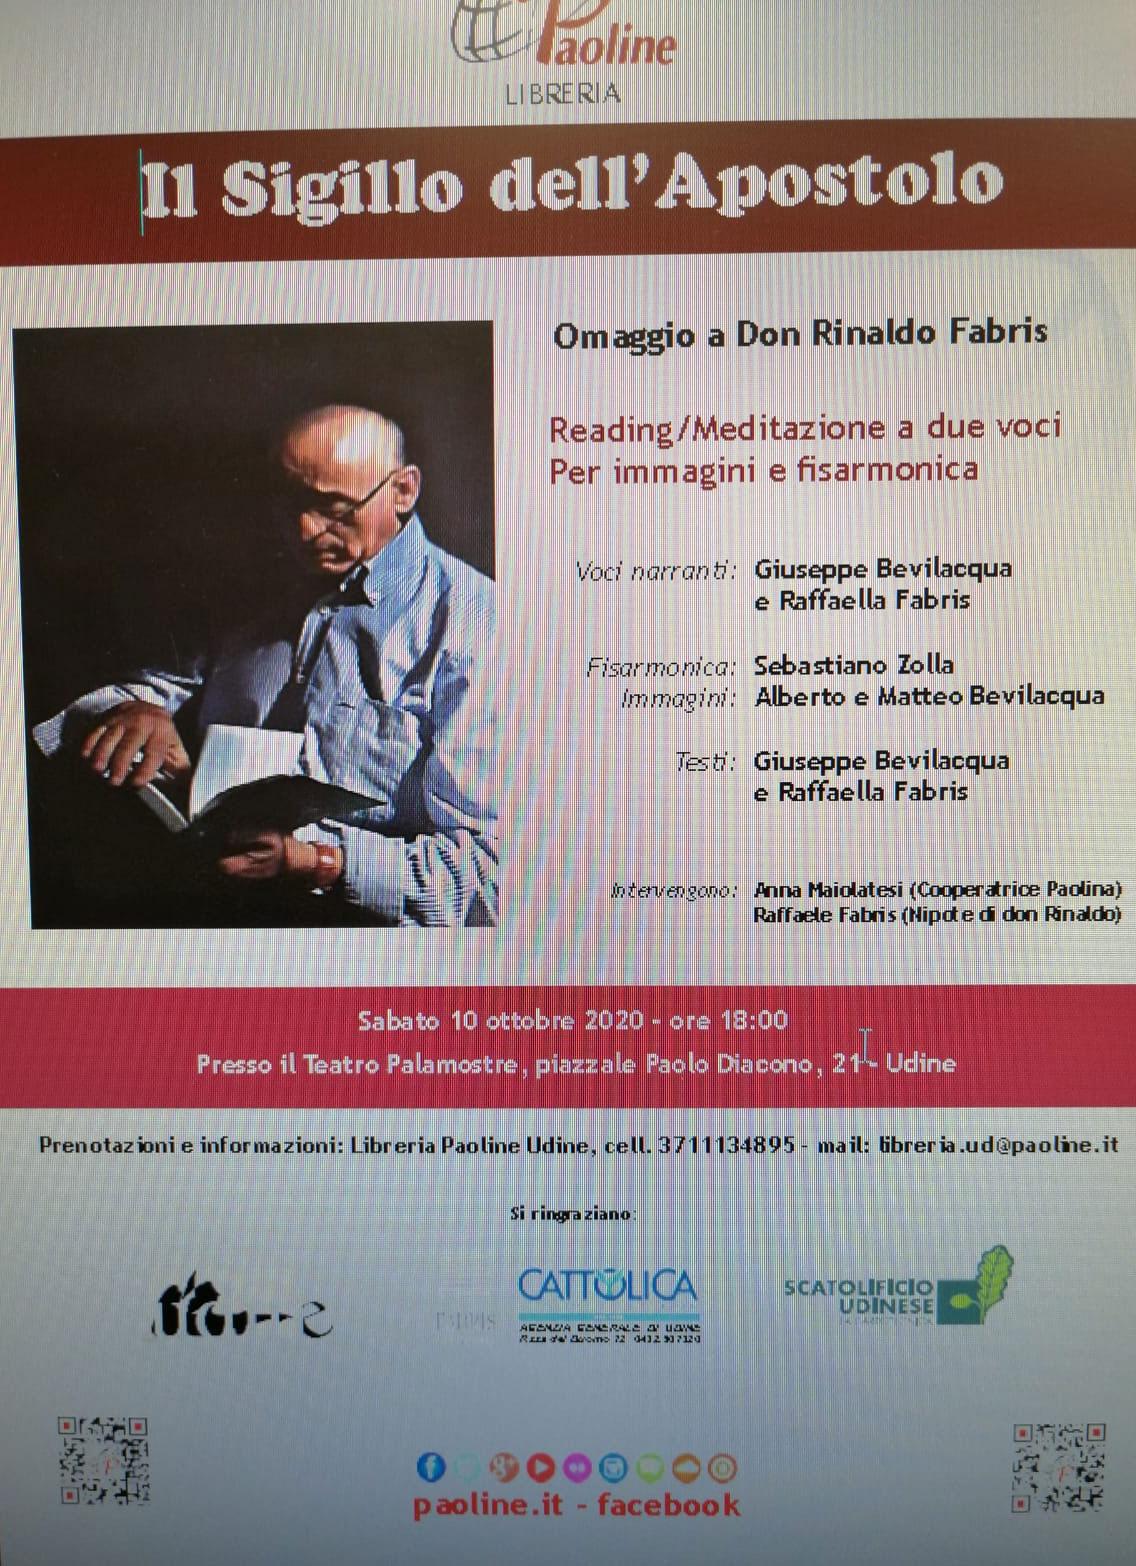 10.10.2020, UDINE: Il Sigillo dell'Apostolo, Omaggio a d. Rinaldo Fabris. Reading / Meditazione a due voci